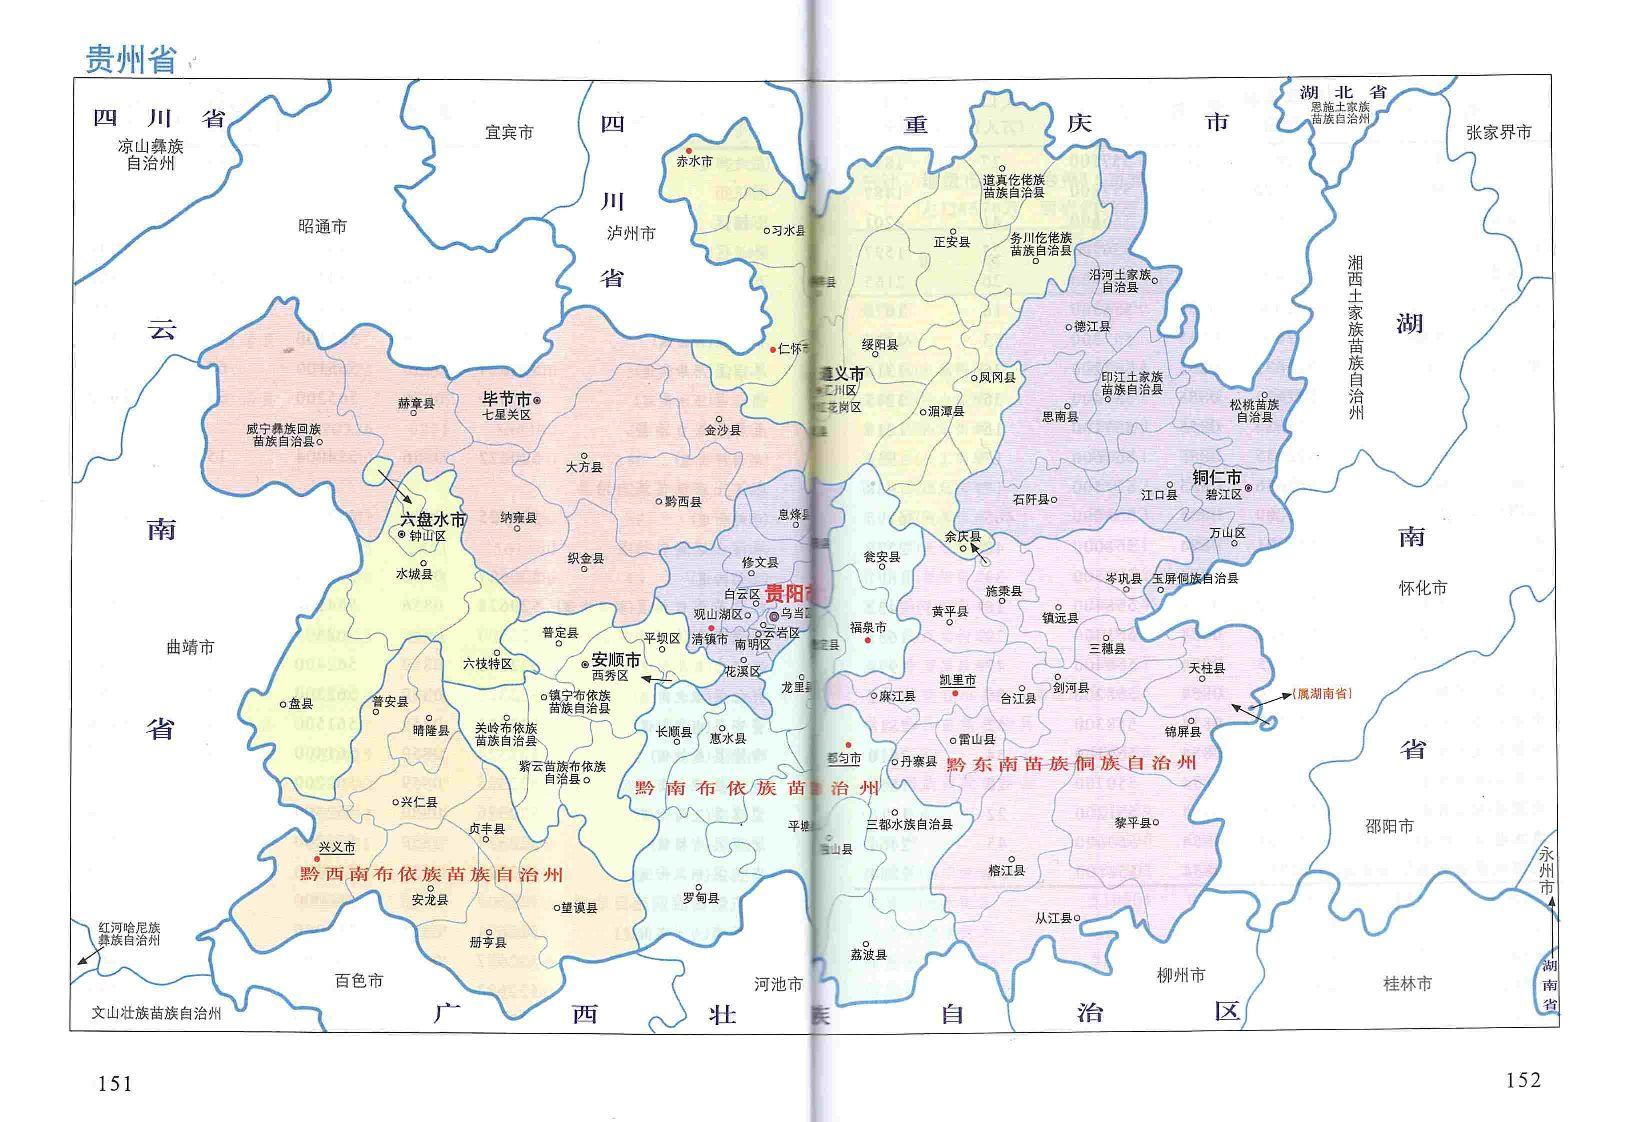 2016年行政区划——海南,重庆,四川,贵州